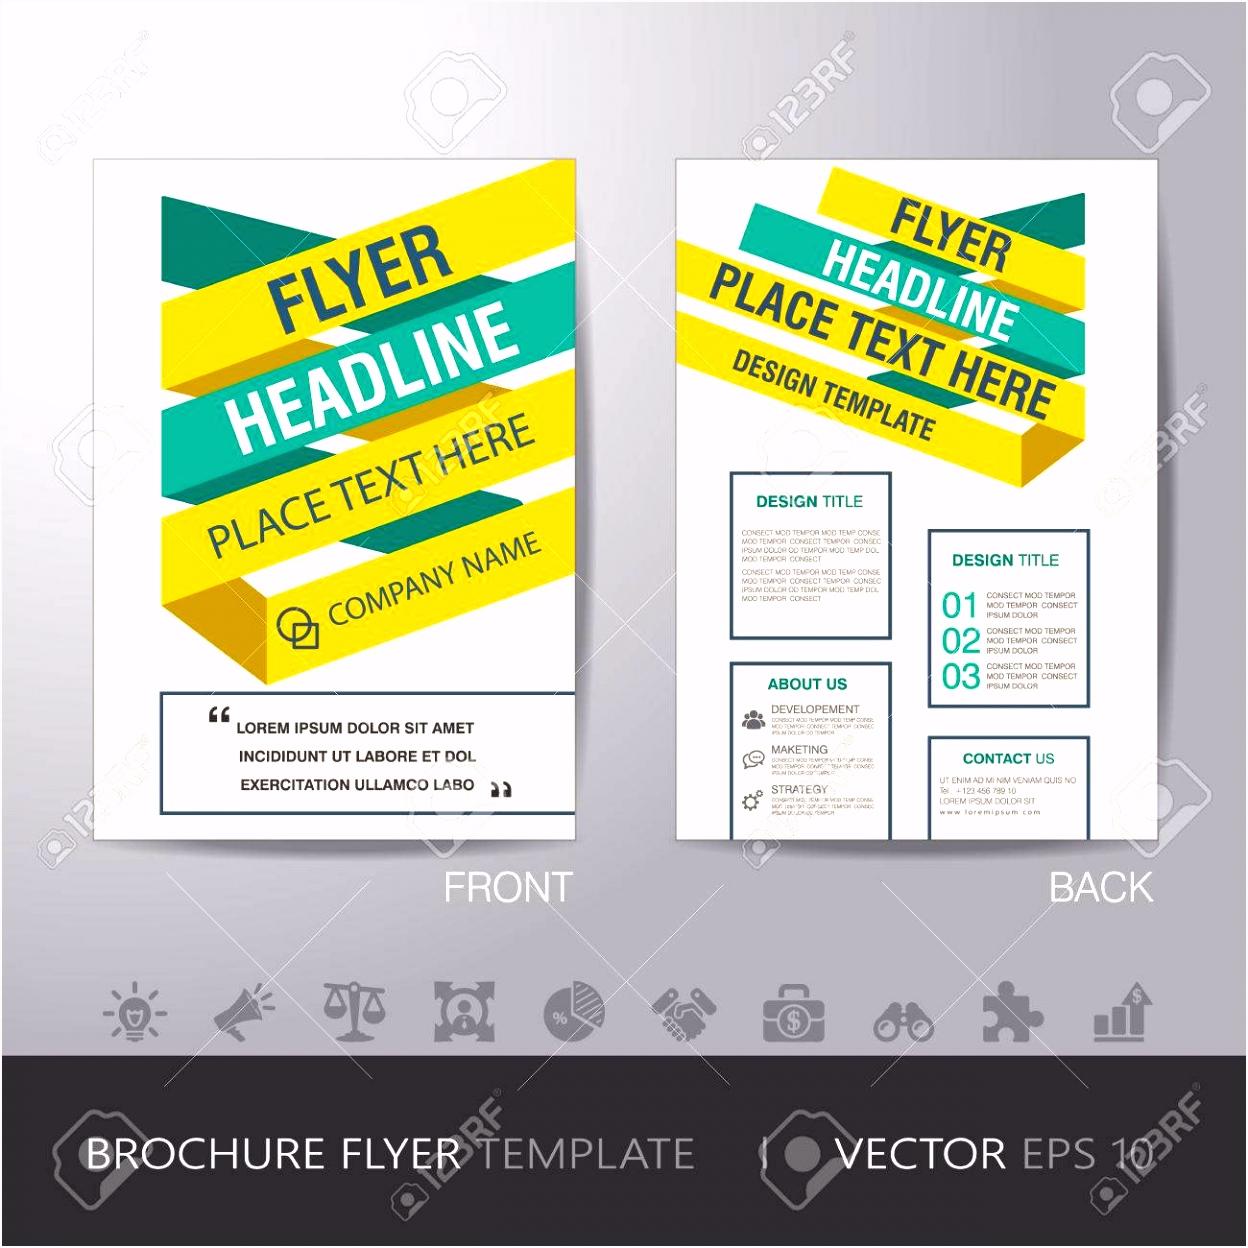 Gelb Grün Business Broschüre Vorlage Flyer Design Layout Im A4